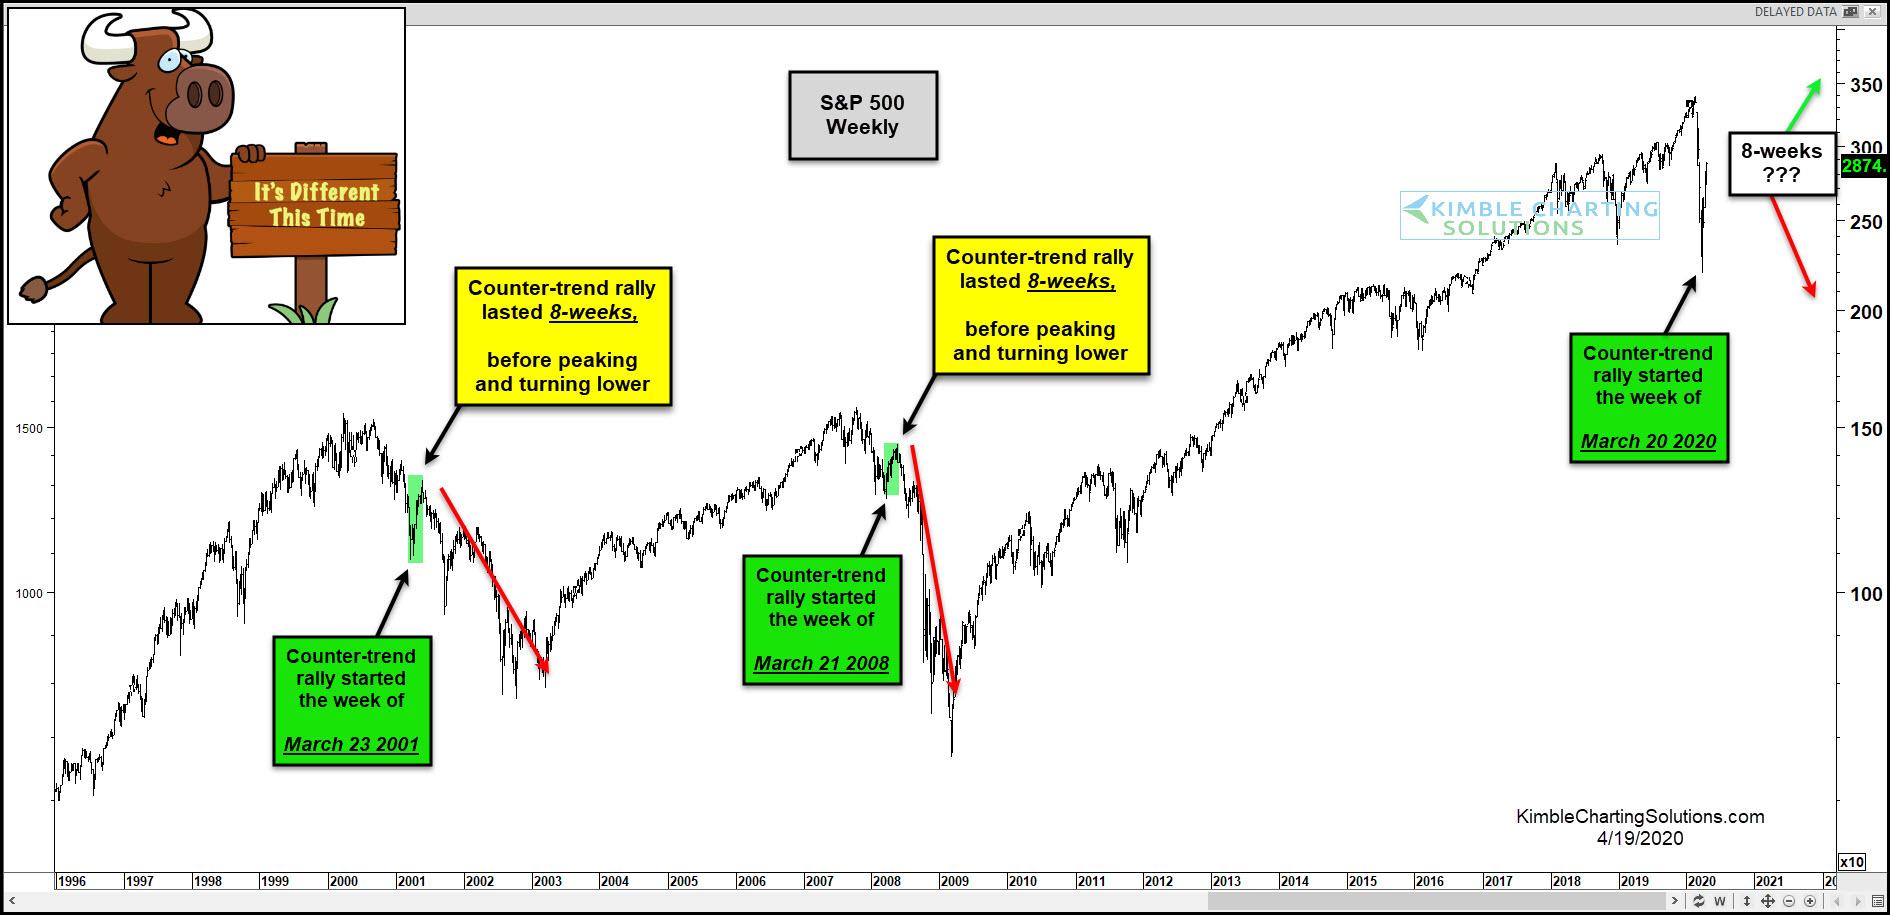 S&P Powtarzać Od 2000 Do 2007 Roku Niedźwiedzi Na Rynku Akcji. Inaczej, Czy To Jest Czas?